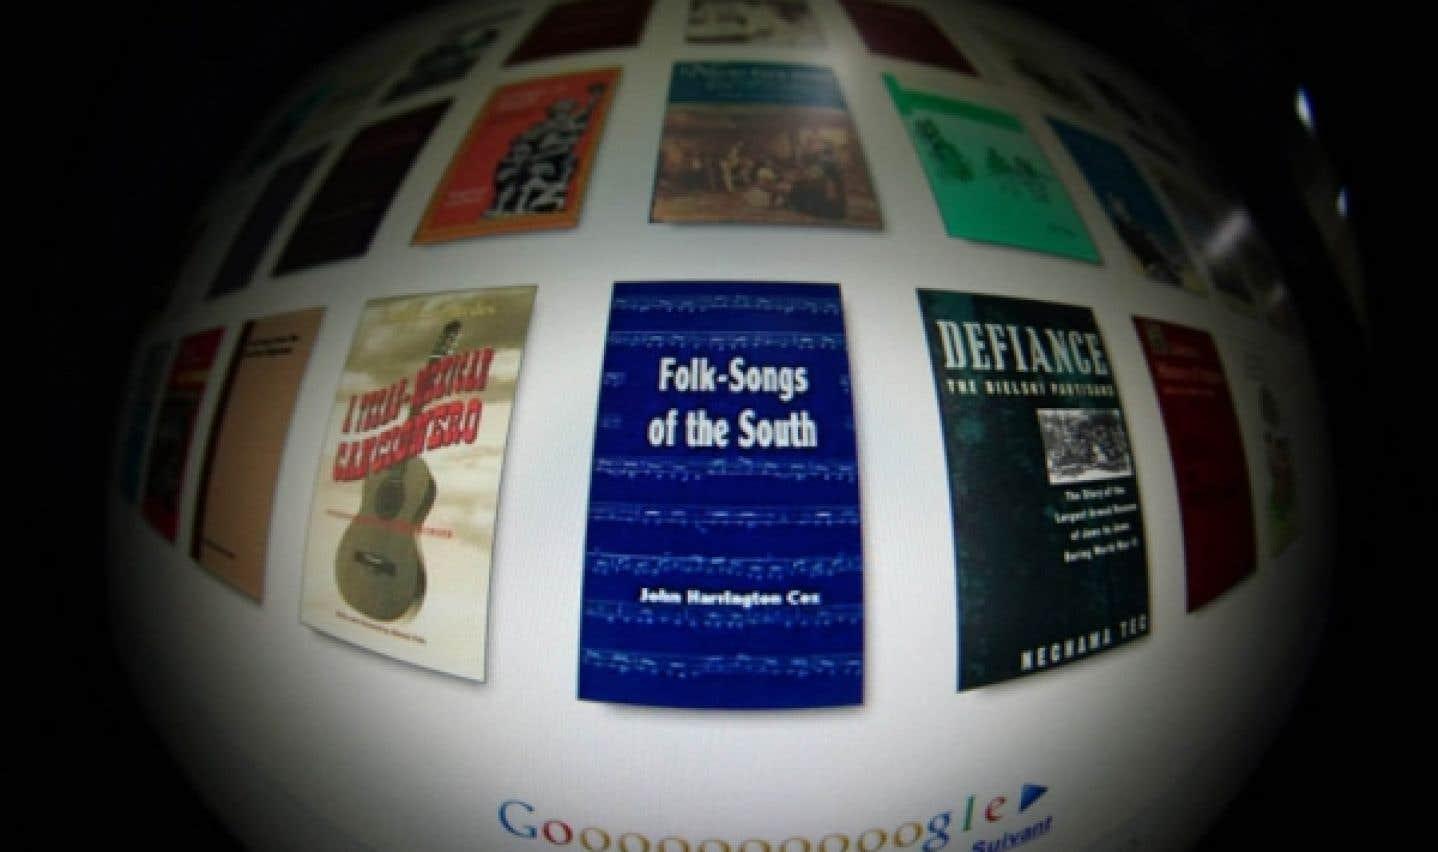 Livre numérique - La justice française donne raison aux éditeurs